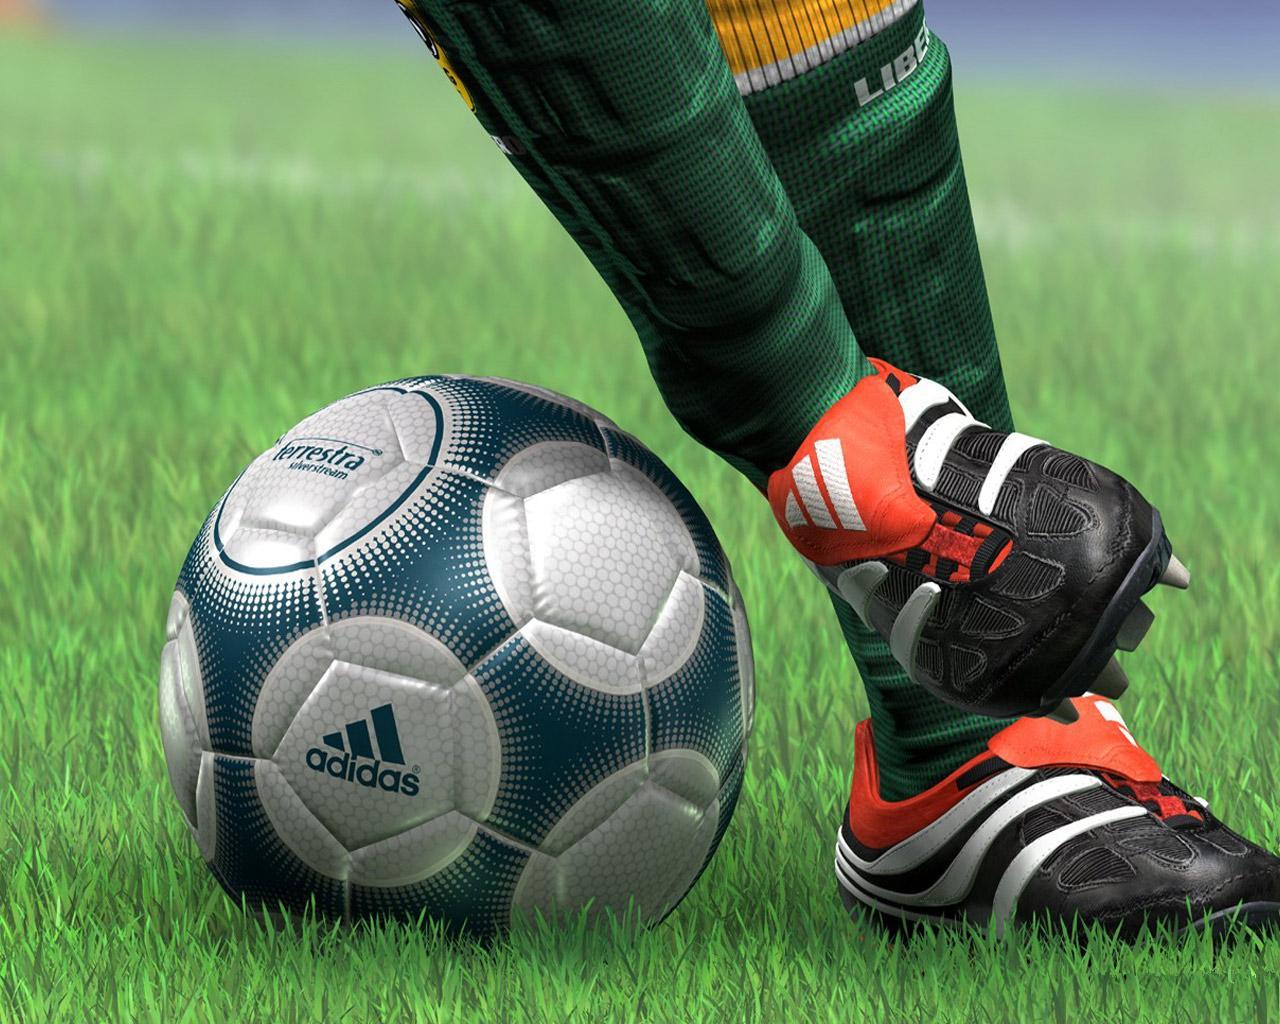 http://1.bp.blogspot.com/-GiSvlnjcKsU/UVhQpqEk4oI/AAAAAAAAXh8/kARTvVDvs6g/s1600/football-wallpaper-09.jpg